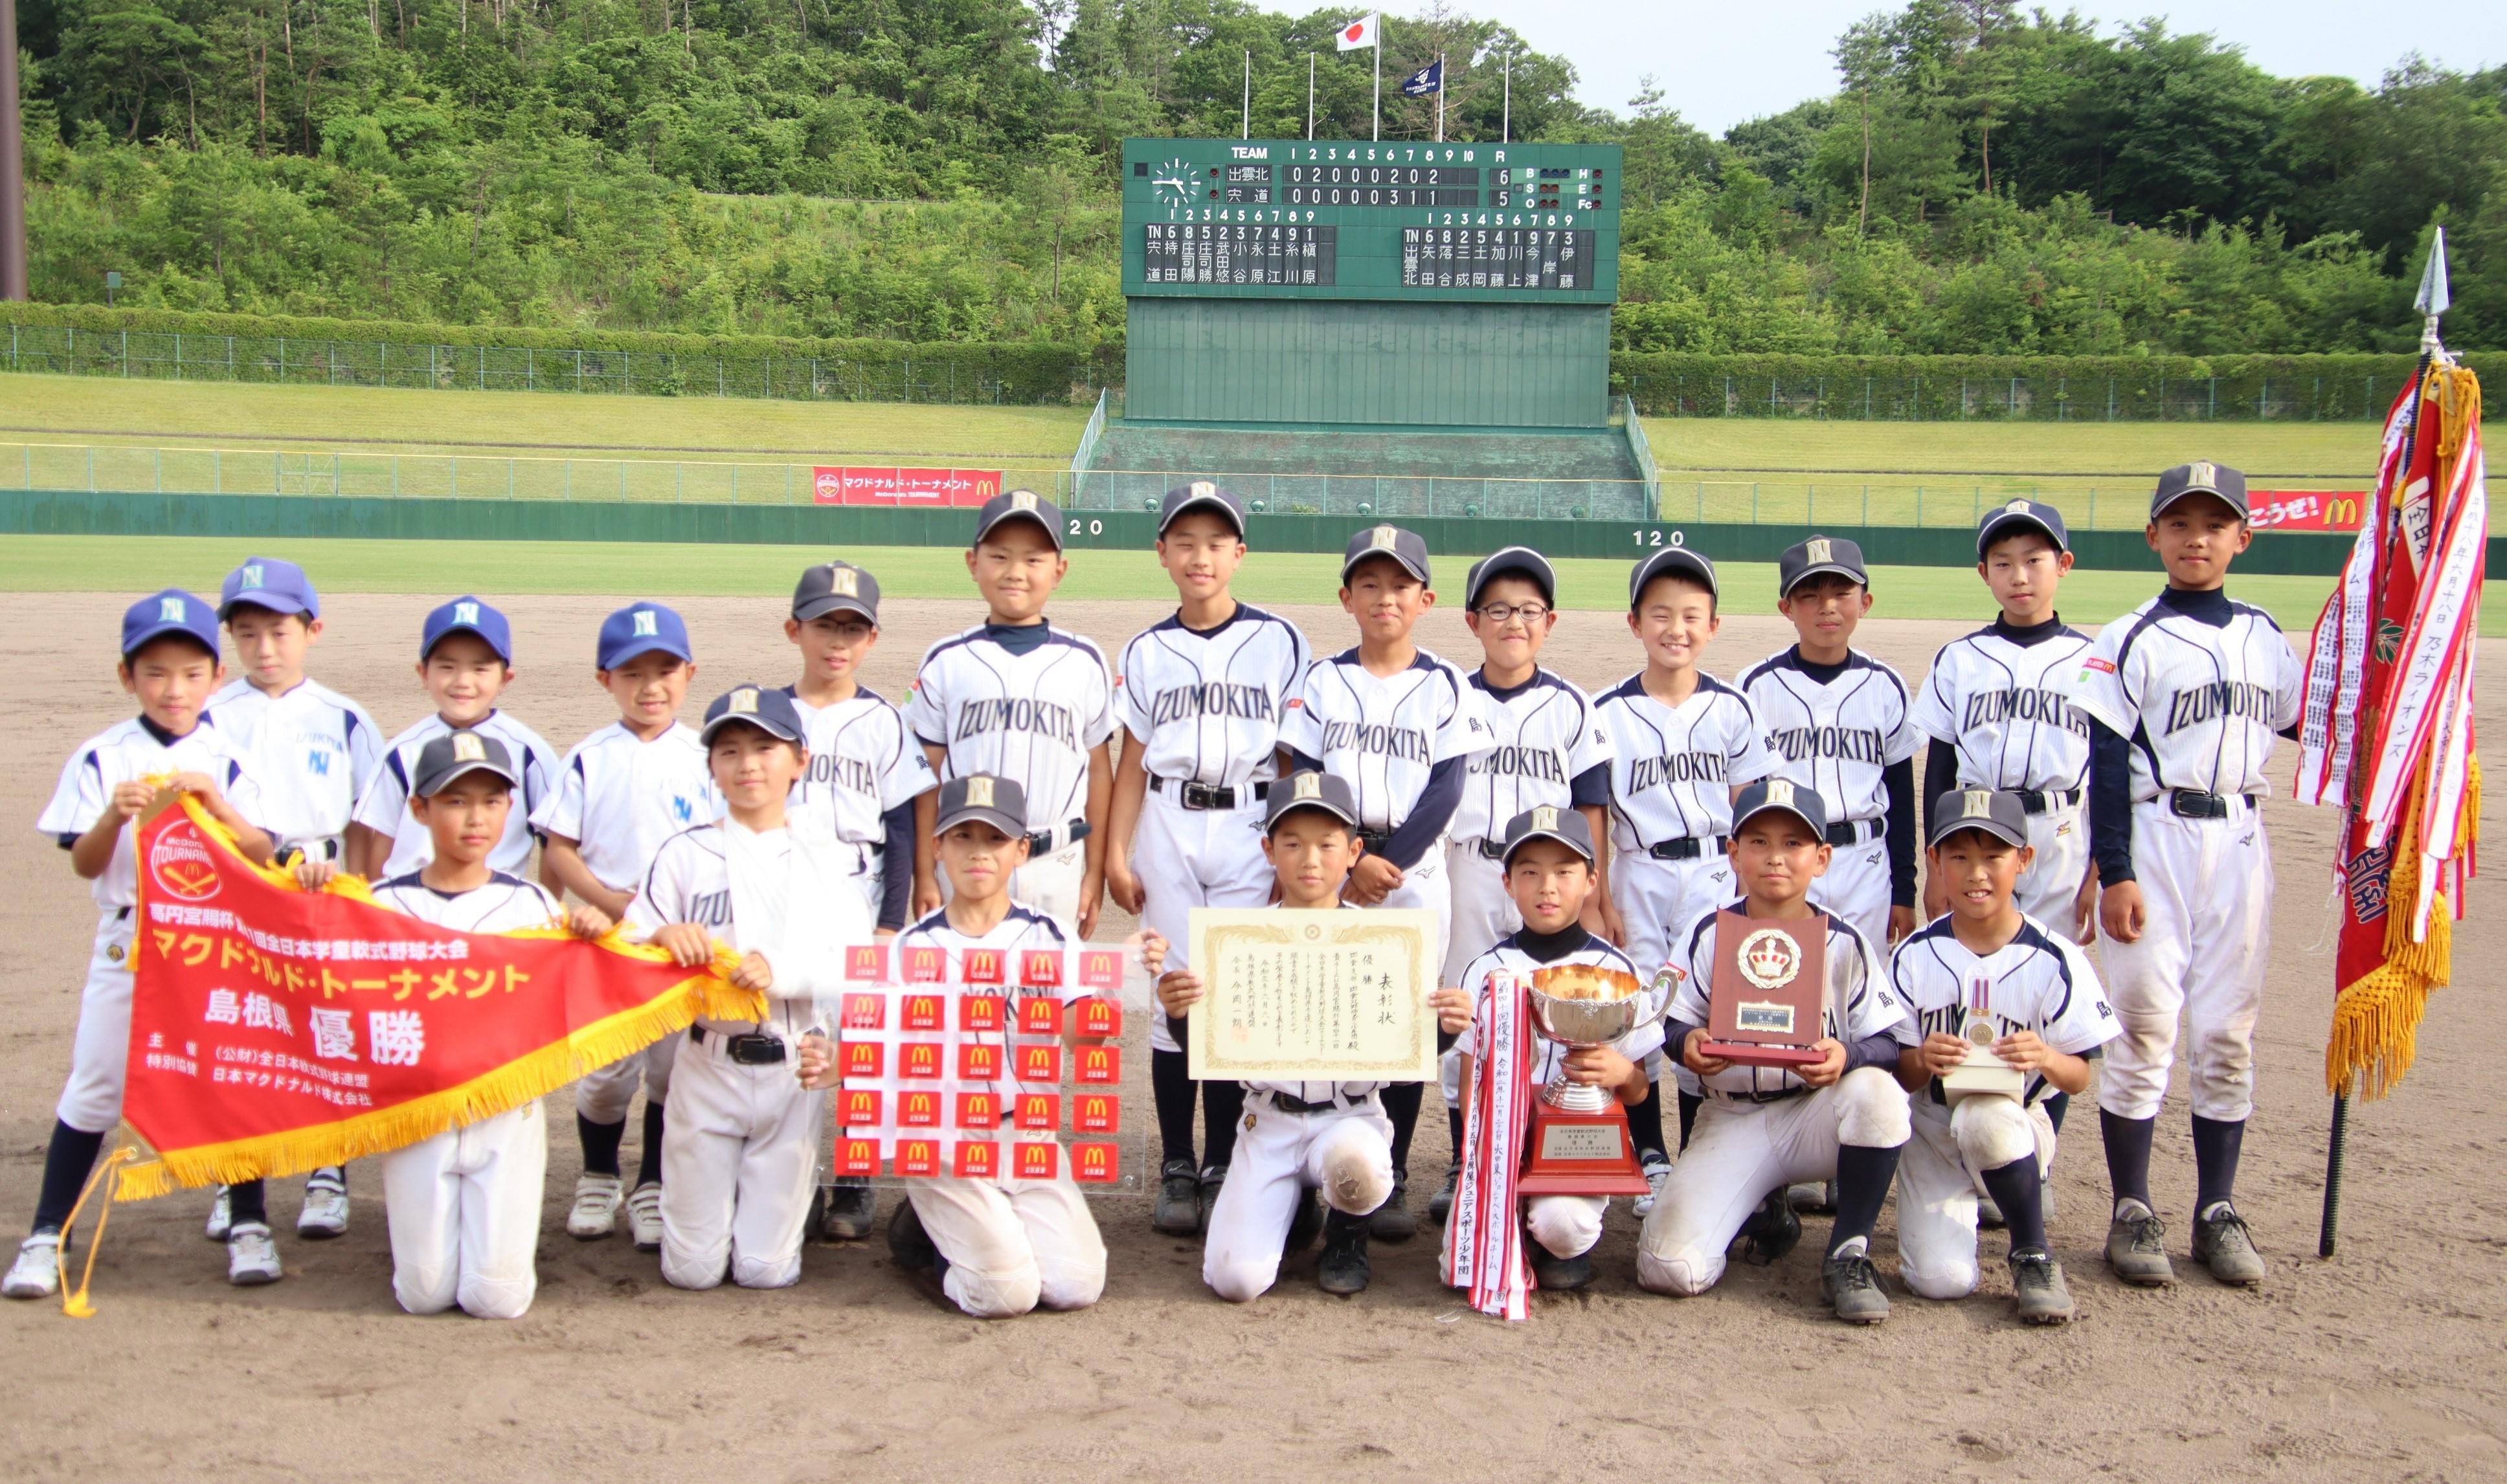 出雲北野球スポーツ少年団